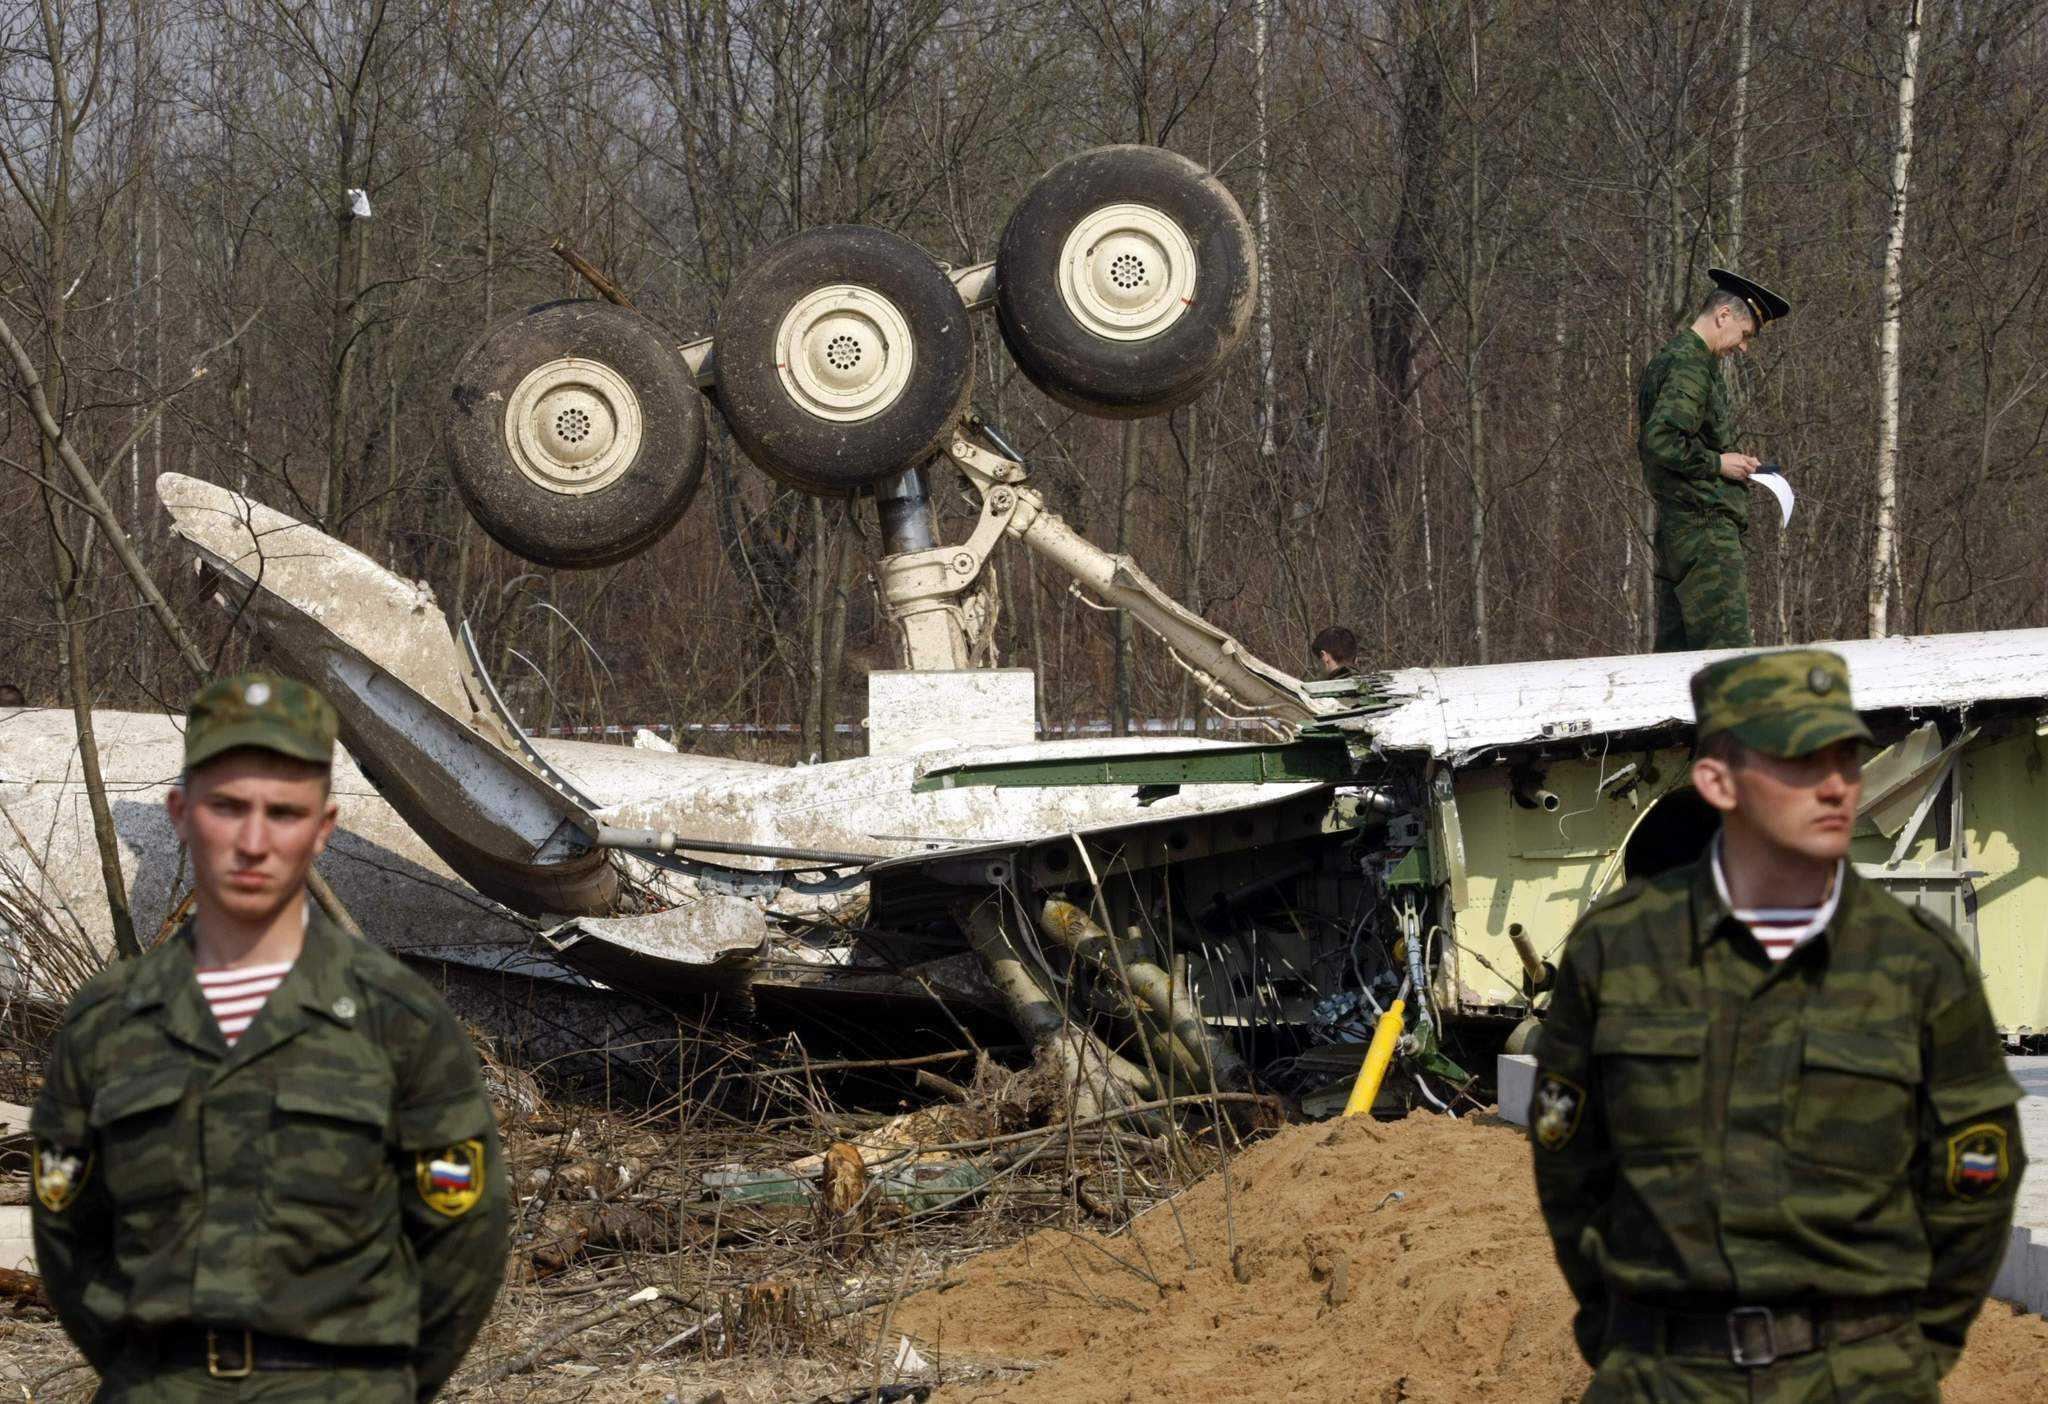 DOSARUL SMOLENSK: urme de explozibil pe aripile avionului prezidential polonez